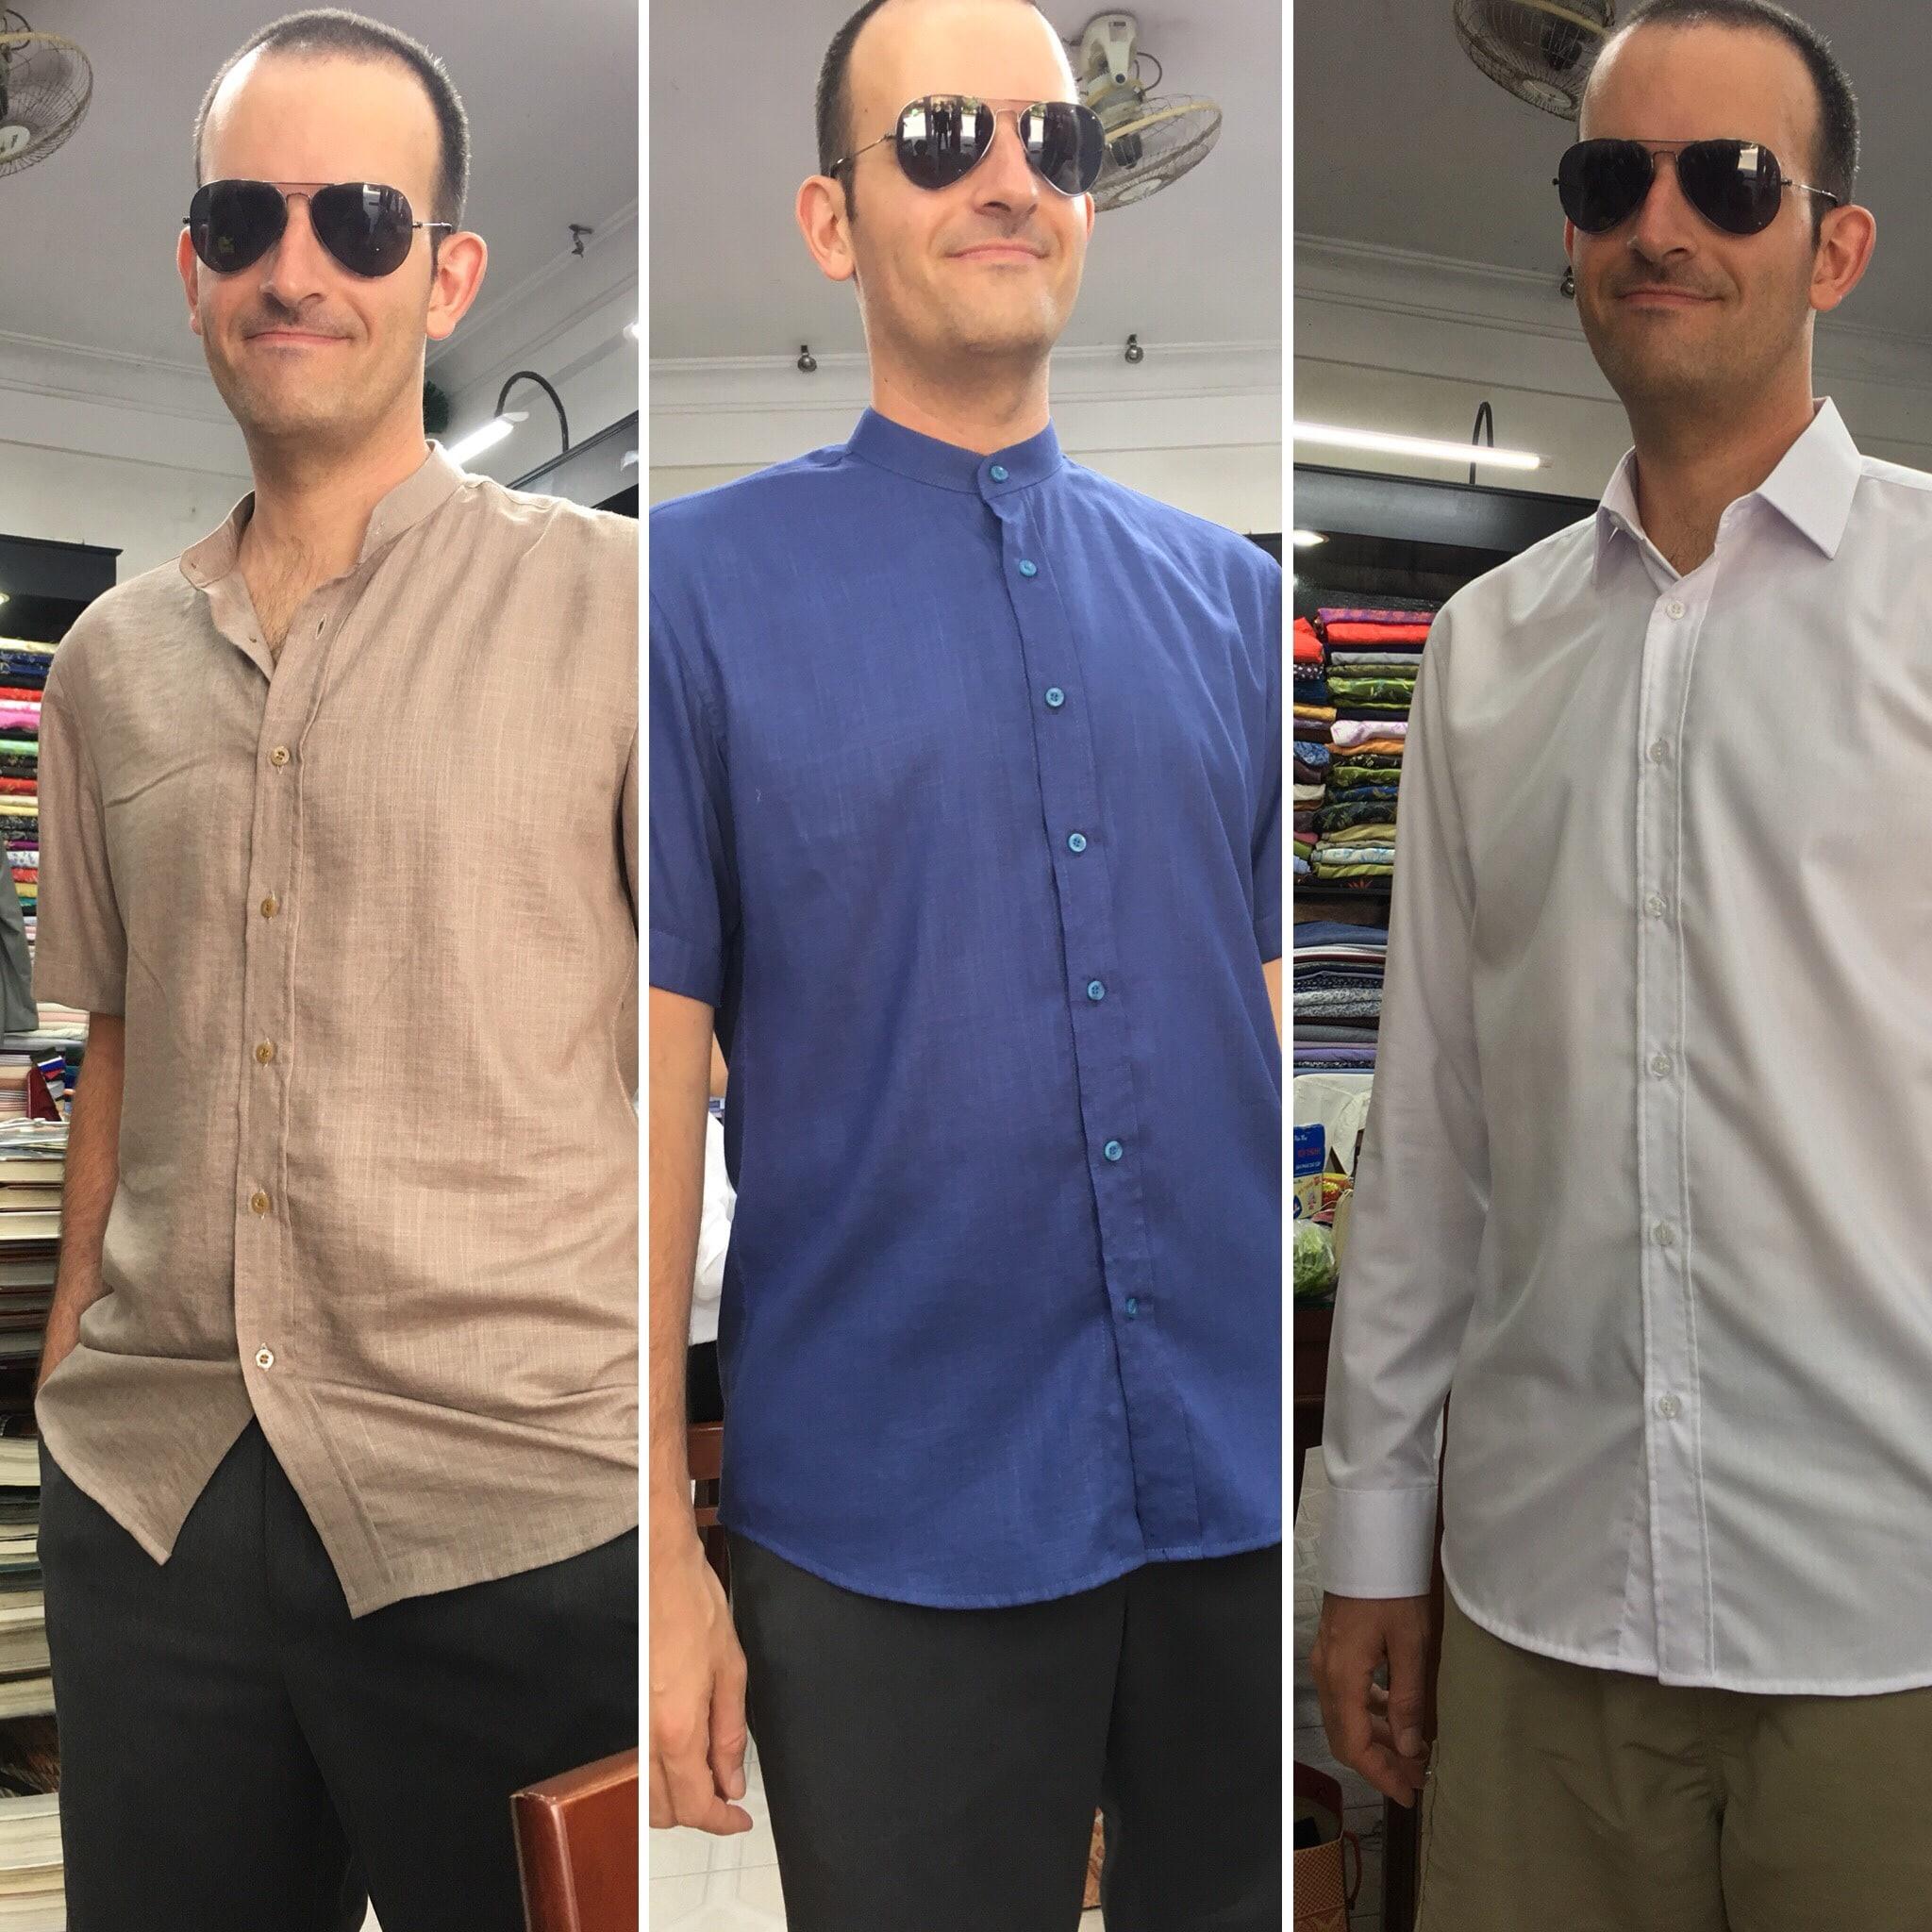 À Anvietnam Vêtements Sur Tailleurs Guide Des Hoi Et Mesure 3c5A4RqLj